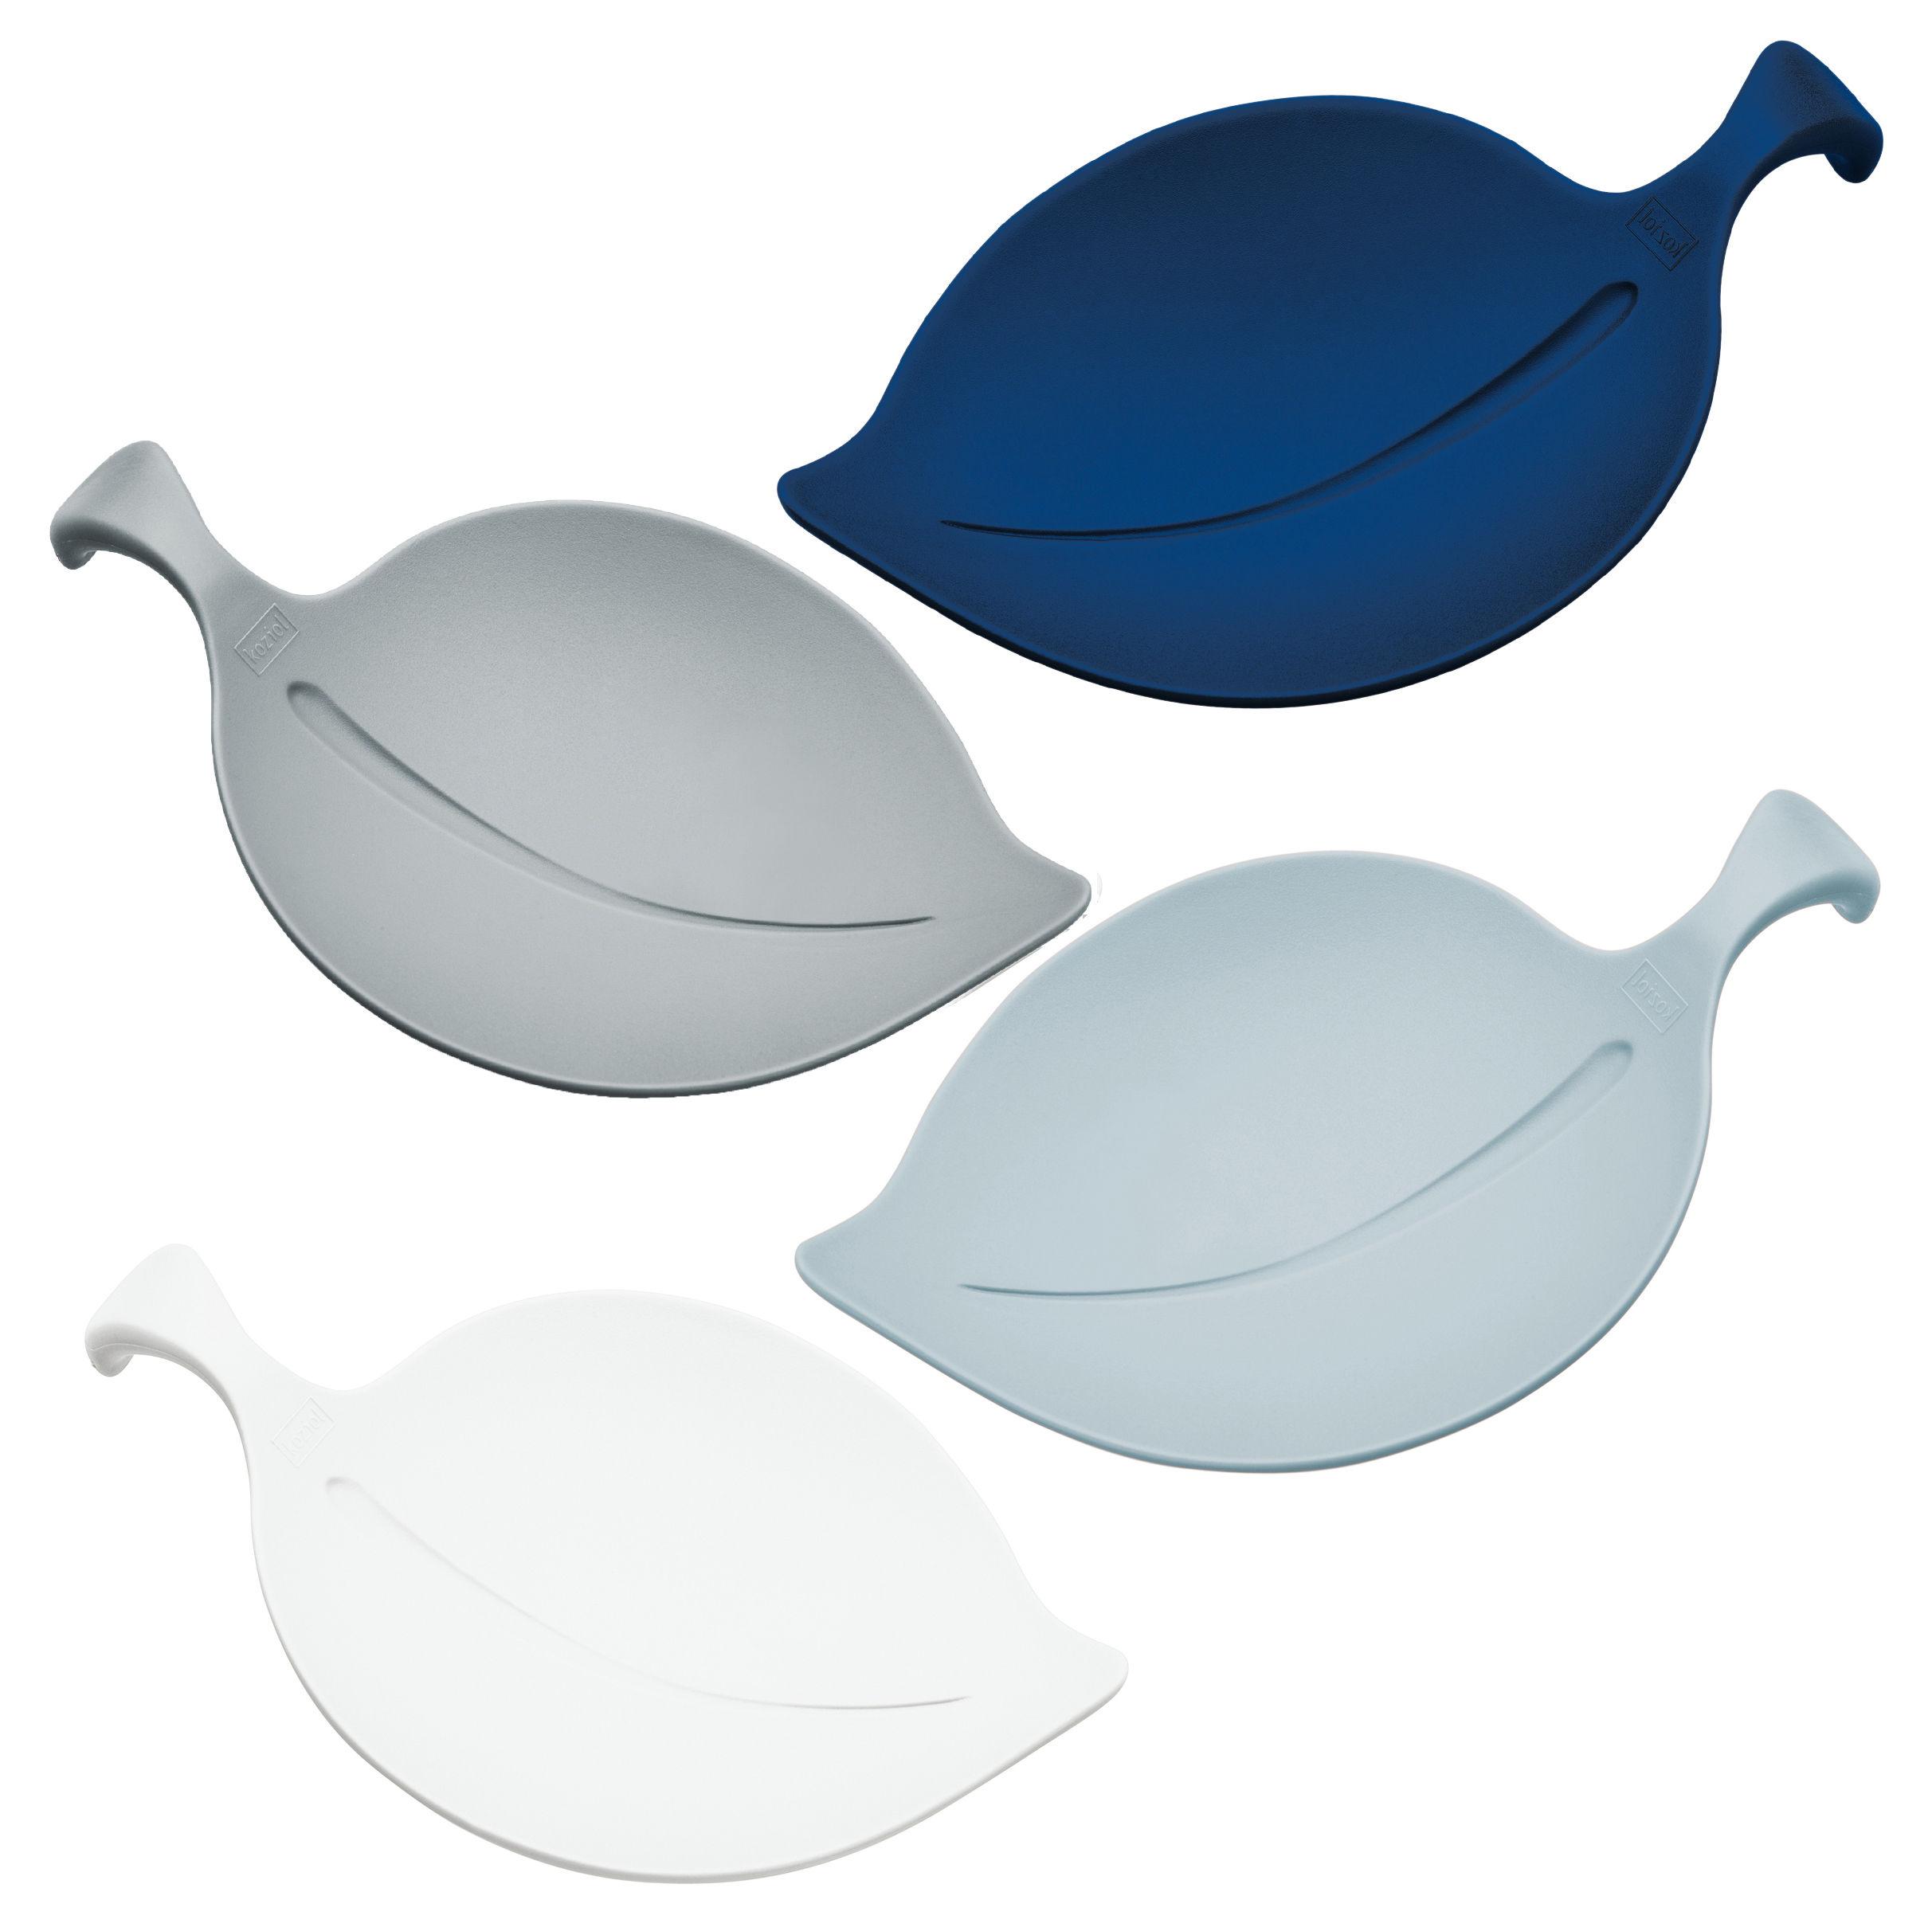 Tischkultur - Salatschüsseln und Schalen - Leaf-on Schale / Ø 14 cm - 4er-Set - Koziol - Hellgrau / blau / hellblau / weiß - Plastik